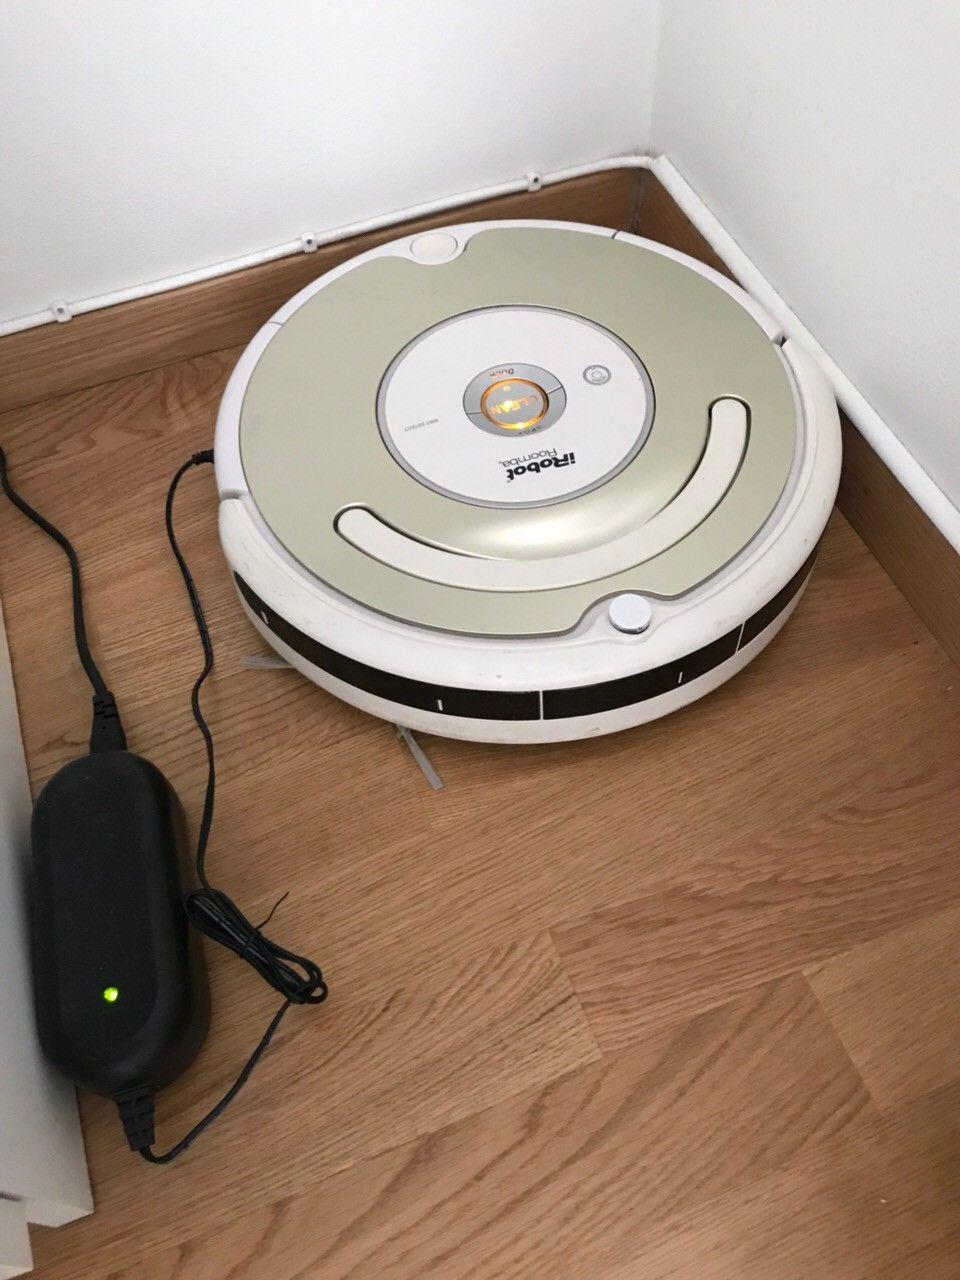 iRobot Roomba 531 robotstøvsuger - Oslo  - iRobot Roomba 531 robotstøvsuger til salgs. Roboten er noen år gammel, men er i utmerket stand, og gjør det veldig rent. Kan brukes på alle flater, også tepper. - Oslo